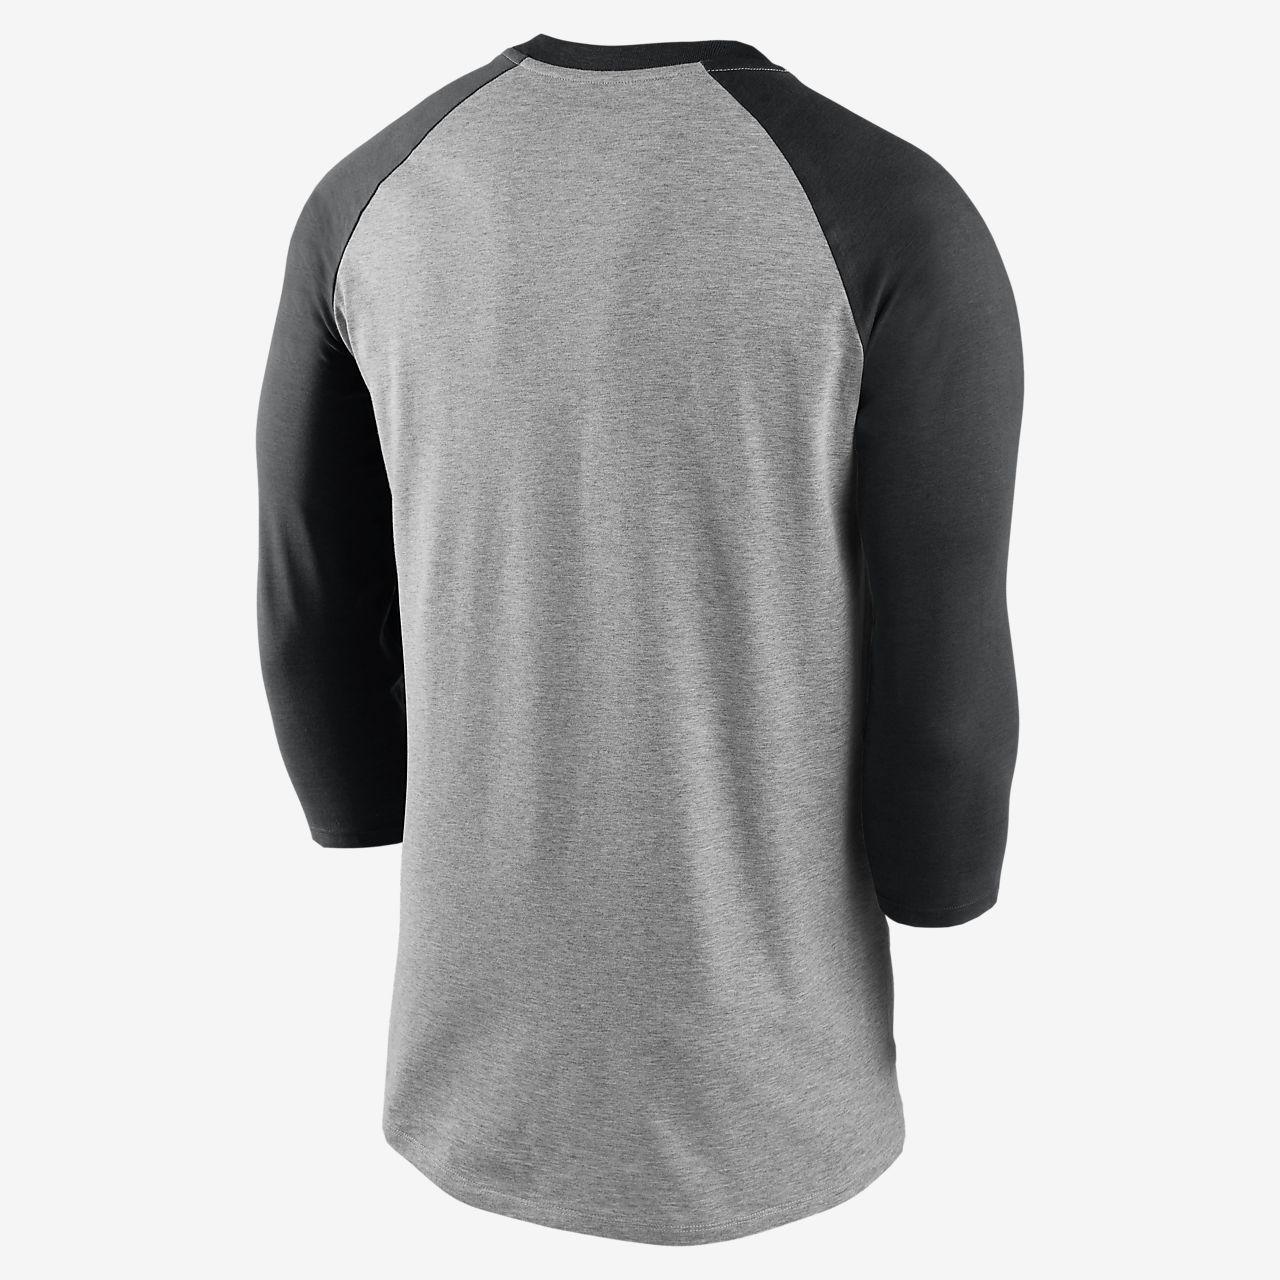 Tri Star Flag Kids Jersey Raglan T-Shirt Children 3//4 Sleeve Baseball Shirt Top